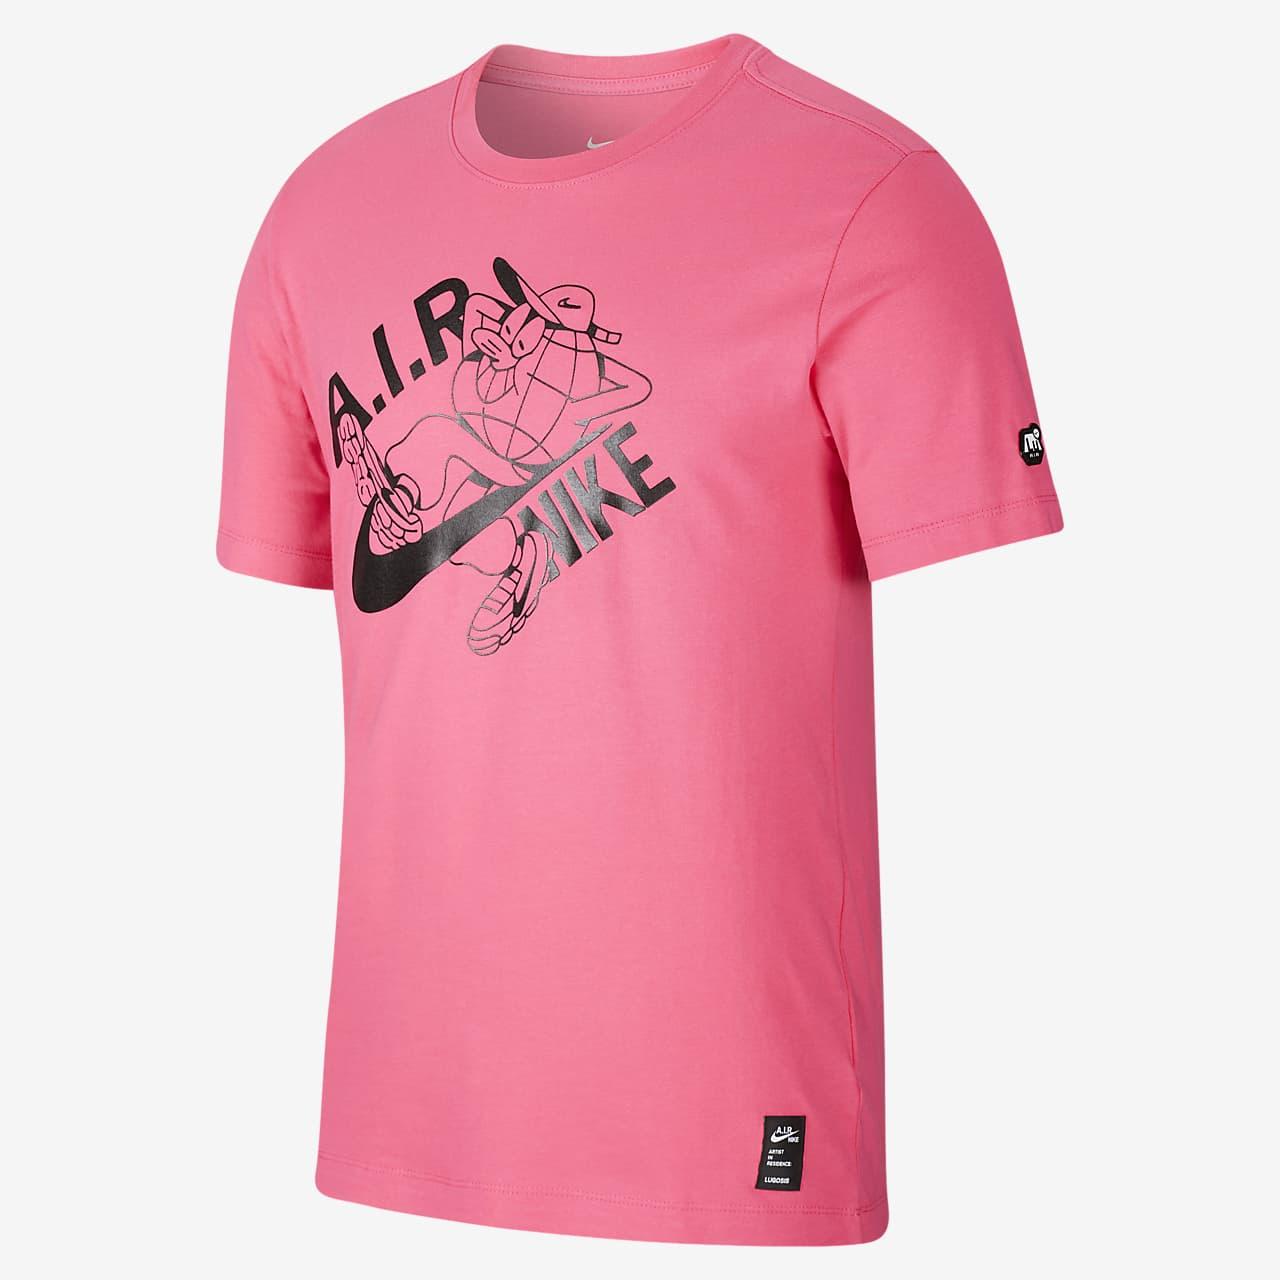 Nike Sportswear Men's T-Shirt. Nike ID